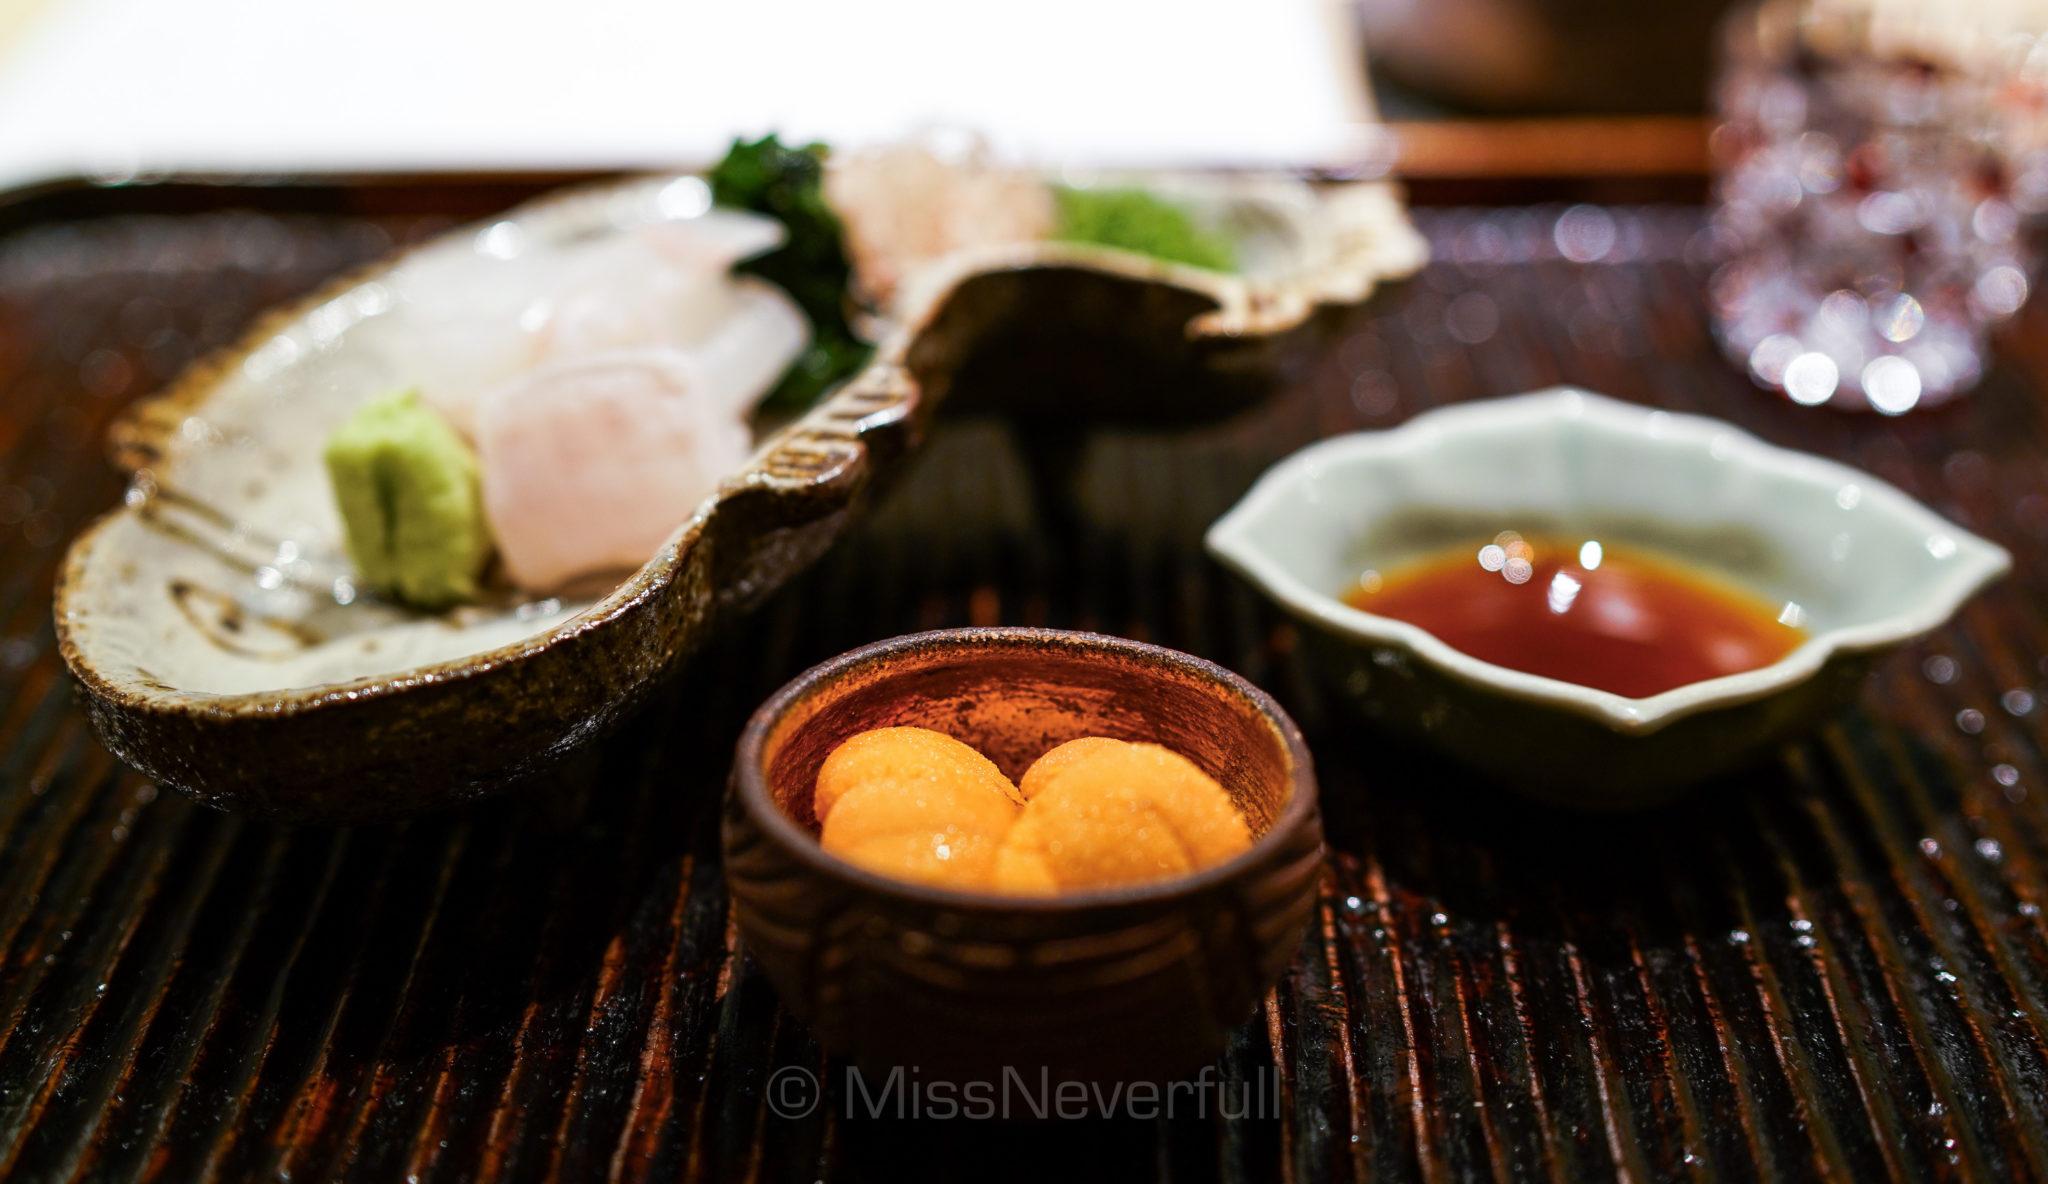 4.1 造り: 平目 生雲丹   Hirame sashimi and fresh uni